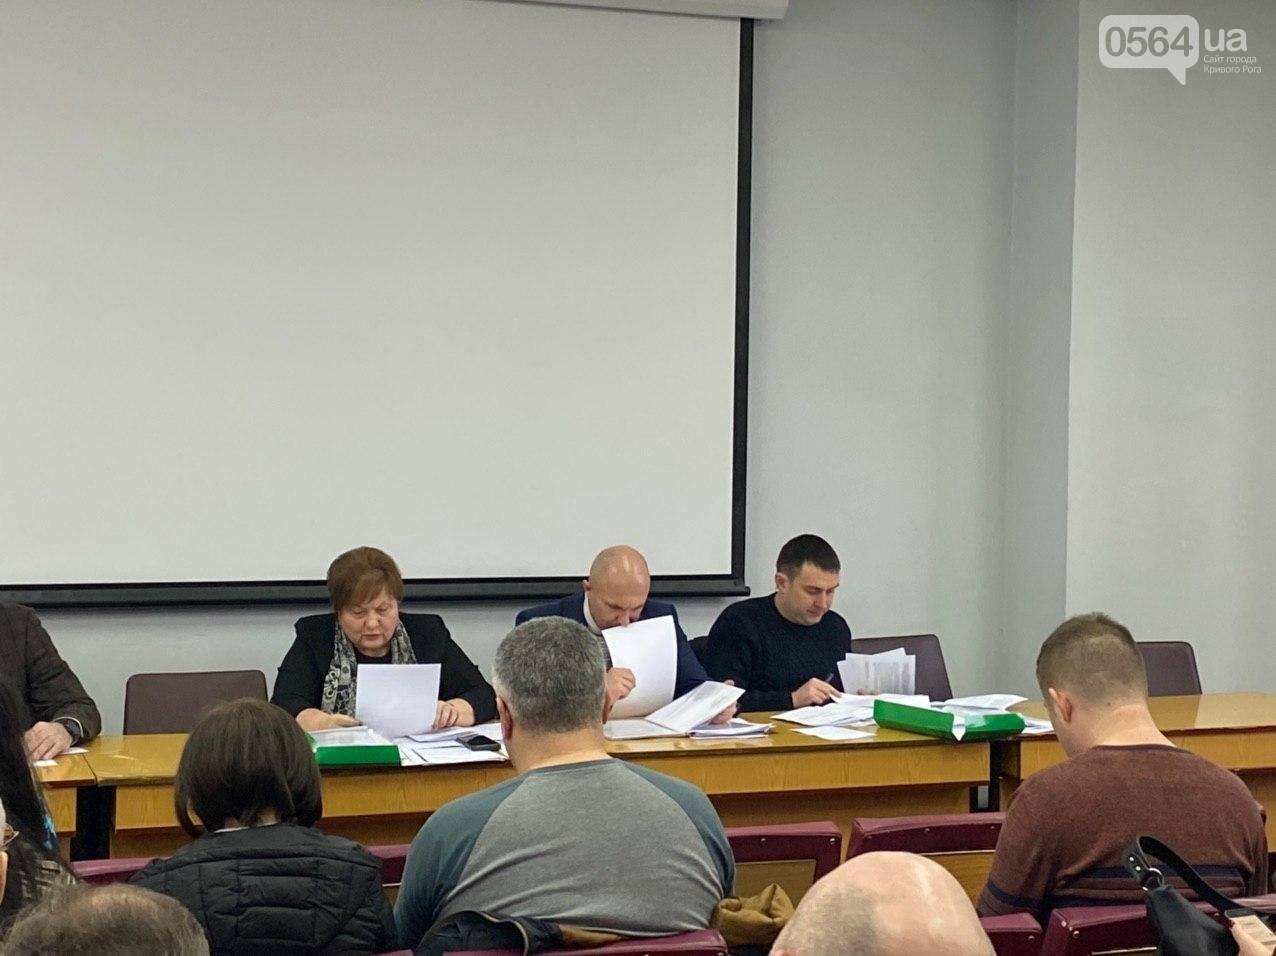 Криворожские депутаты собрались на заседания постоянных комиссий, - ФОТО, ВИДЕО, фото-11